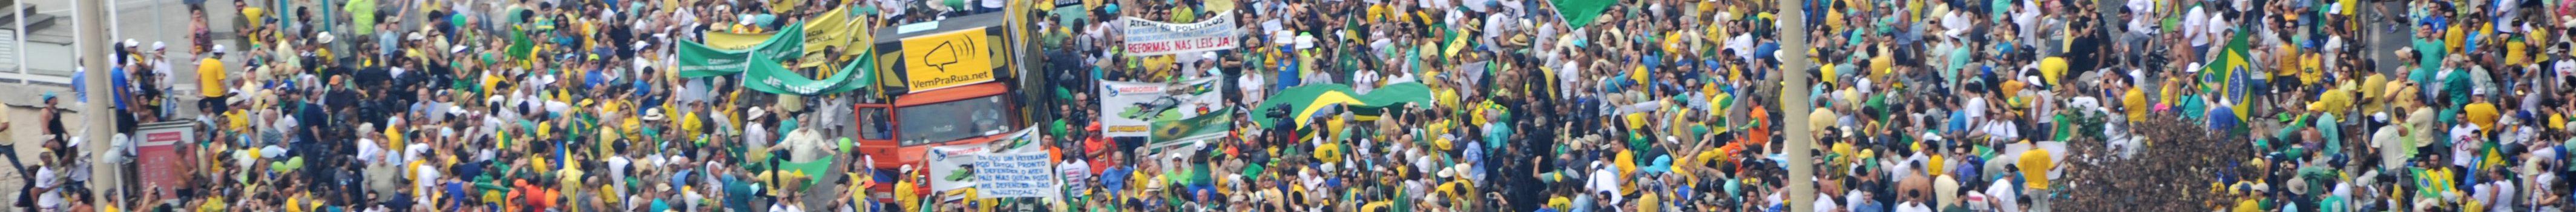 15/03/2015 - RIO/MANIFESTAÇÃO - Manifestantes fazem protesto pelo impeachment da presidente Dilma Rousseff na praia de Copacabana, zona sul do Rio. FOTO: Tasso Marcelo/Fotos Públicas.